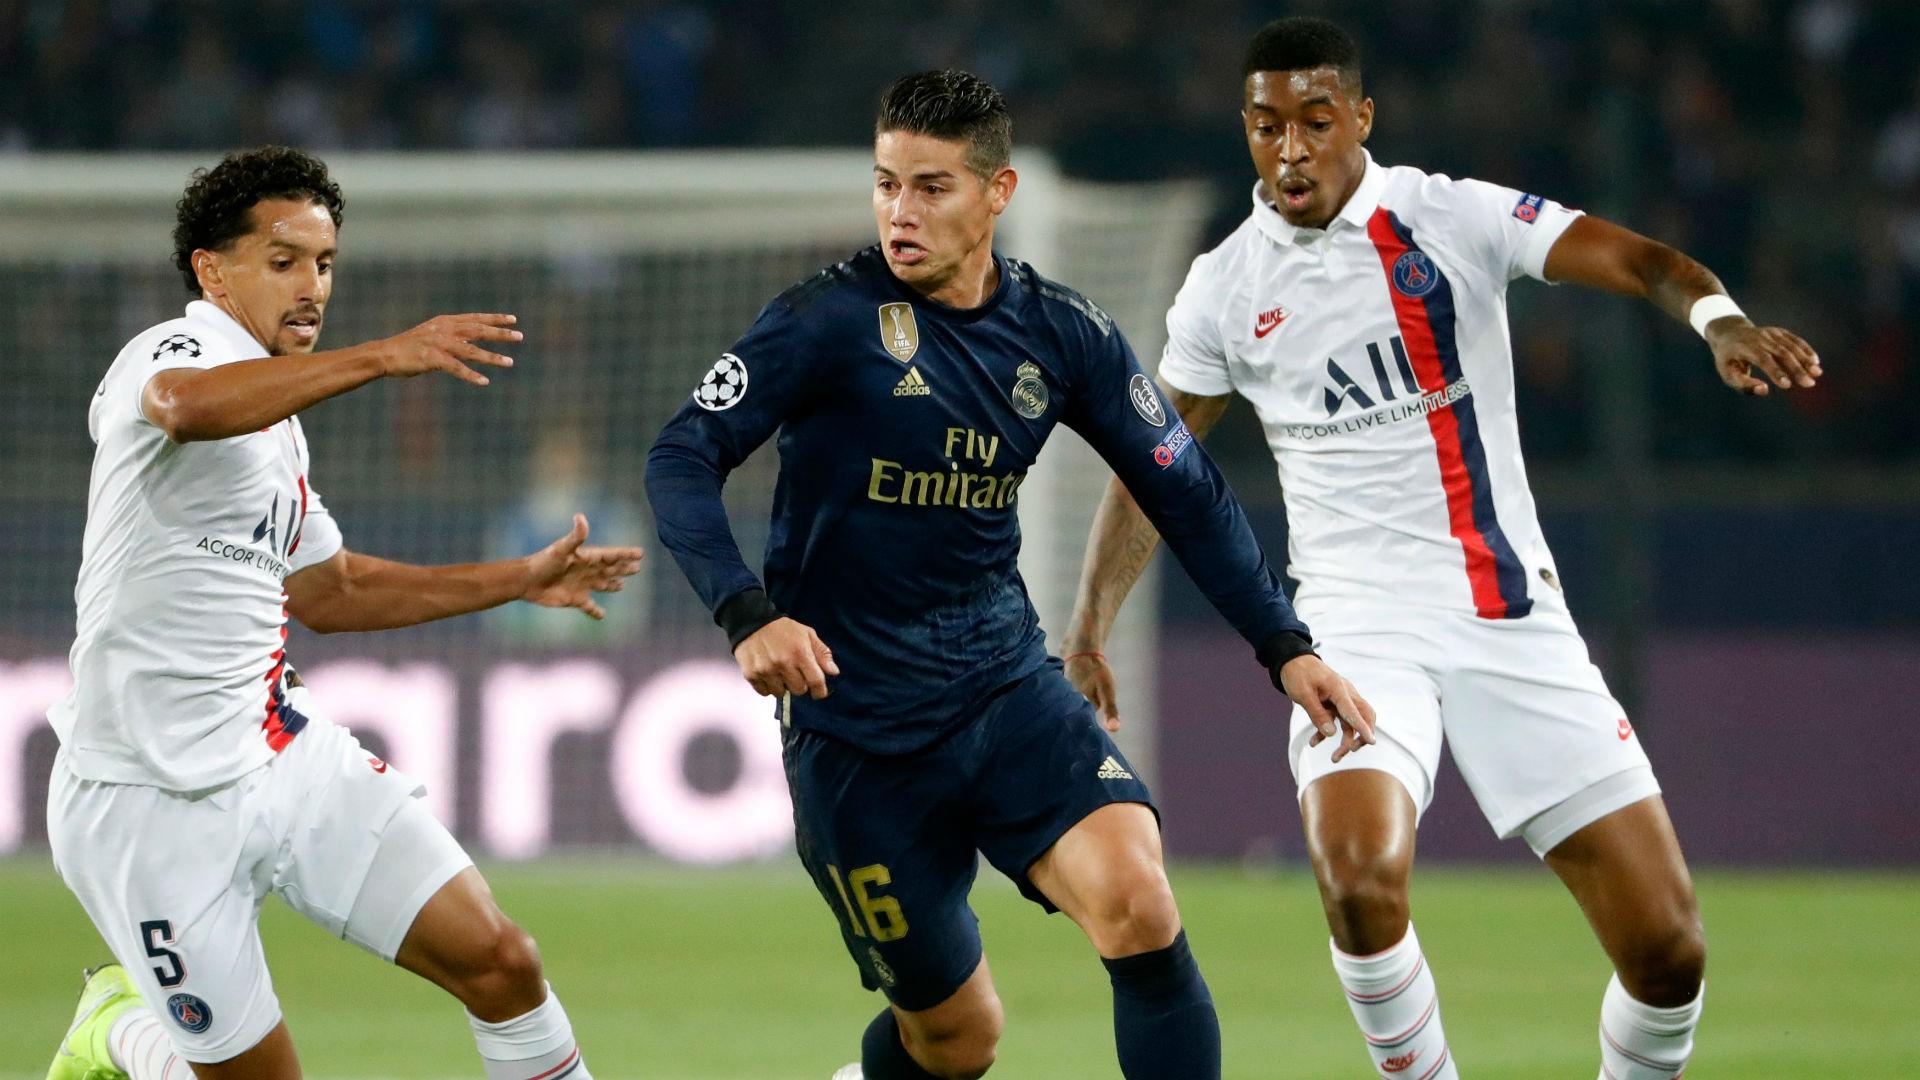 C1 - La statistique très inquiétante du Real Madrid face au PSG